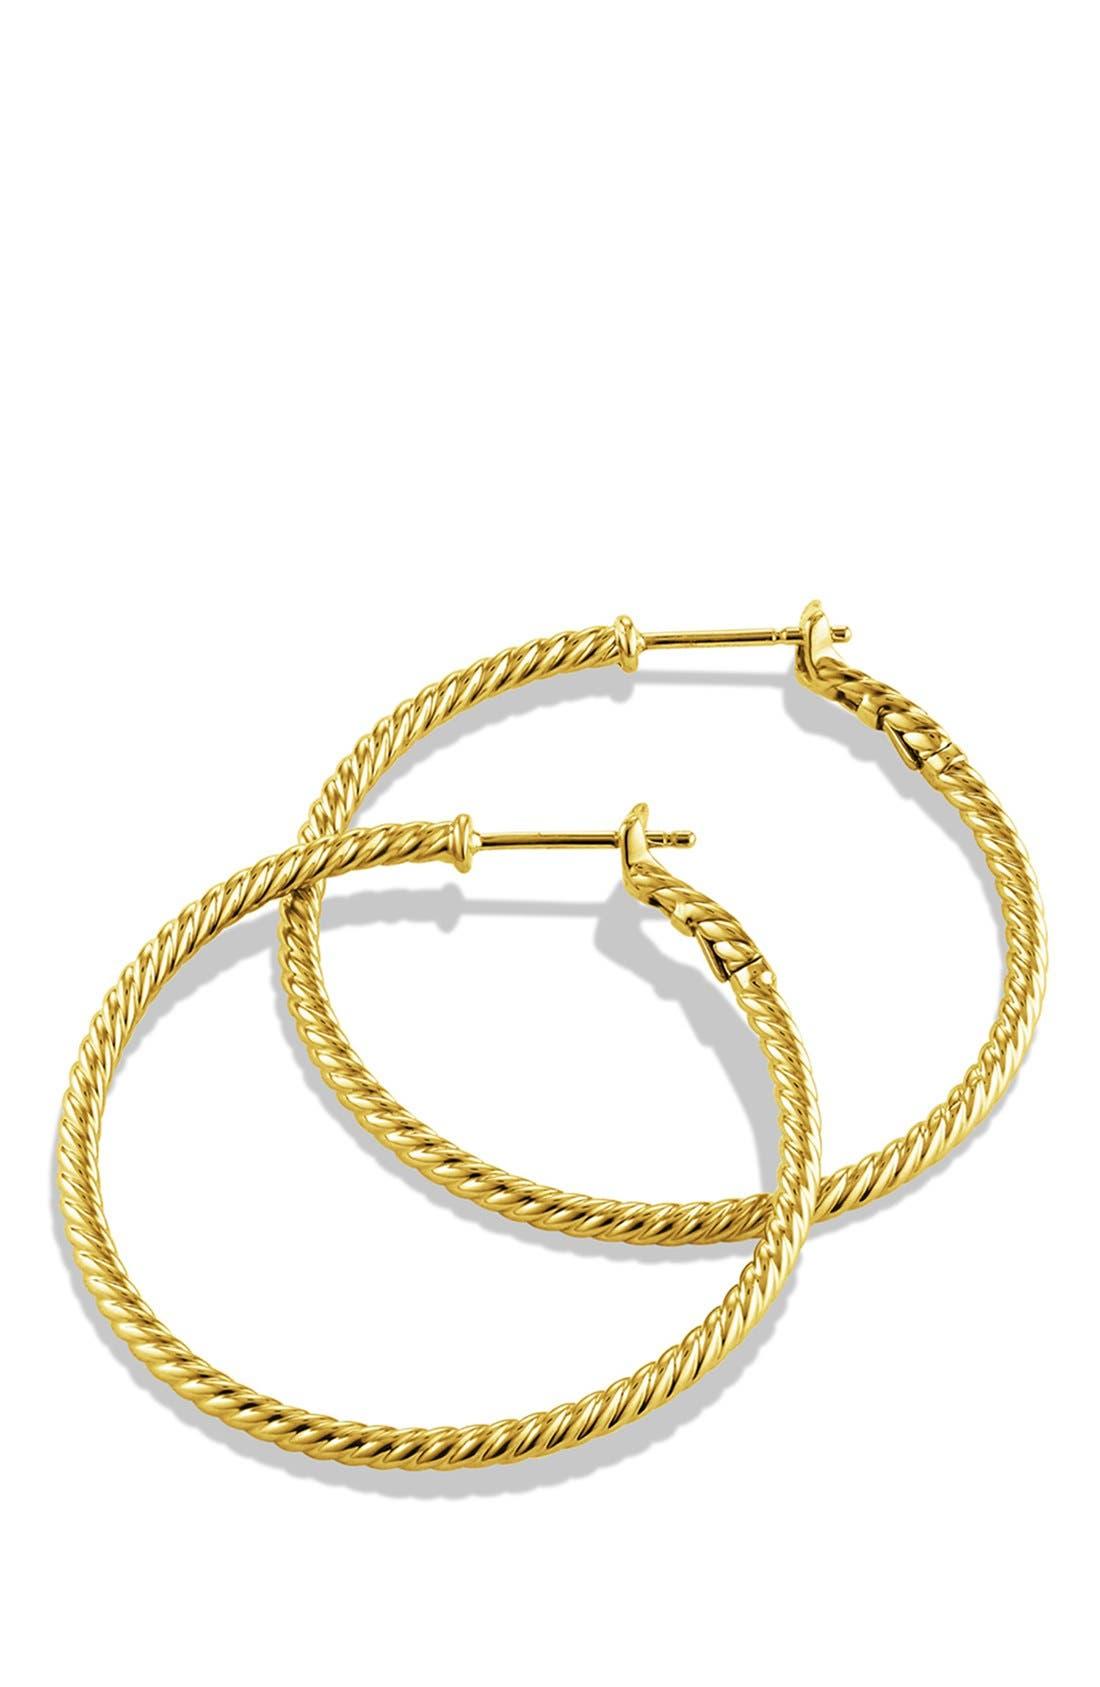 DAVID YURMAN,                             Cable Classics Hoop Earrings,                             Alternate thumbnail 2, color,                             GOLD